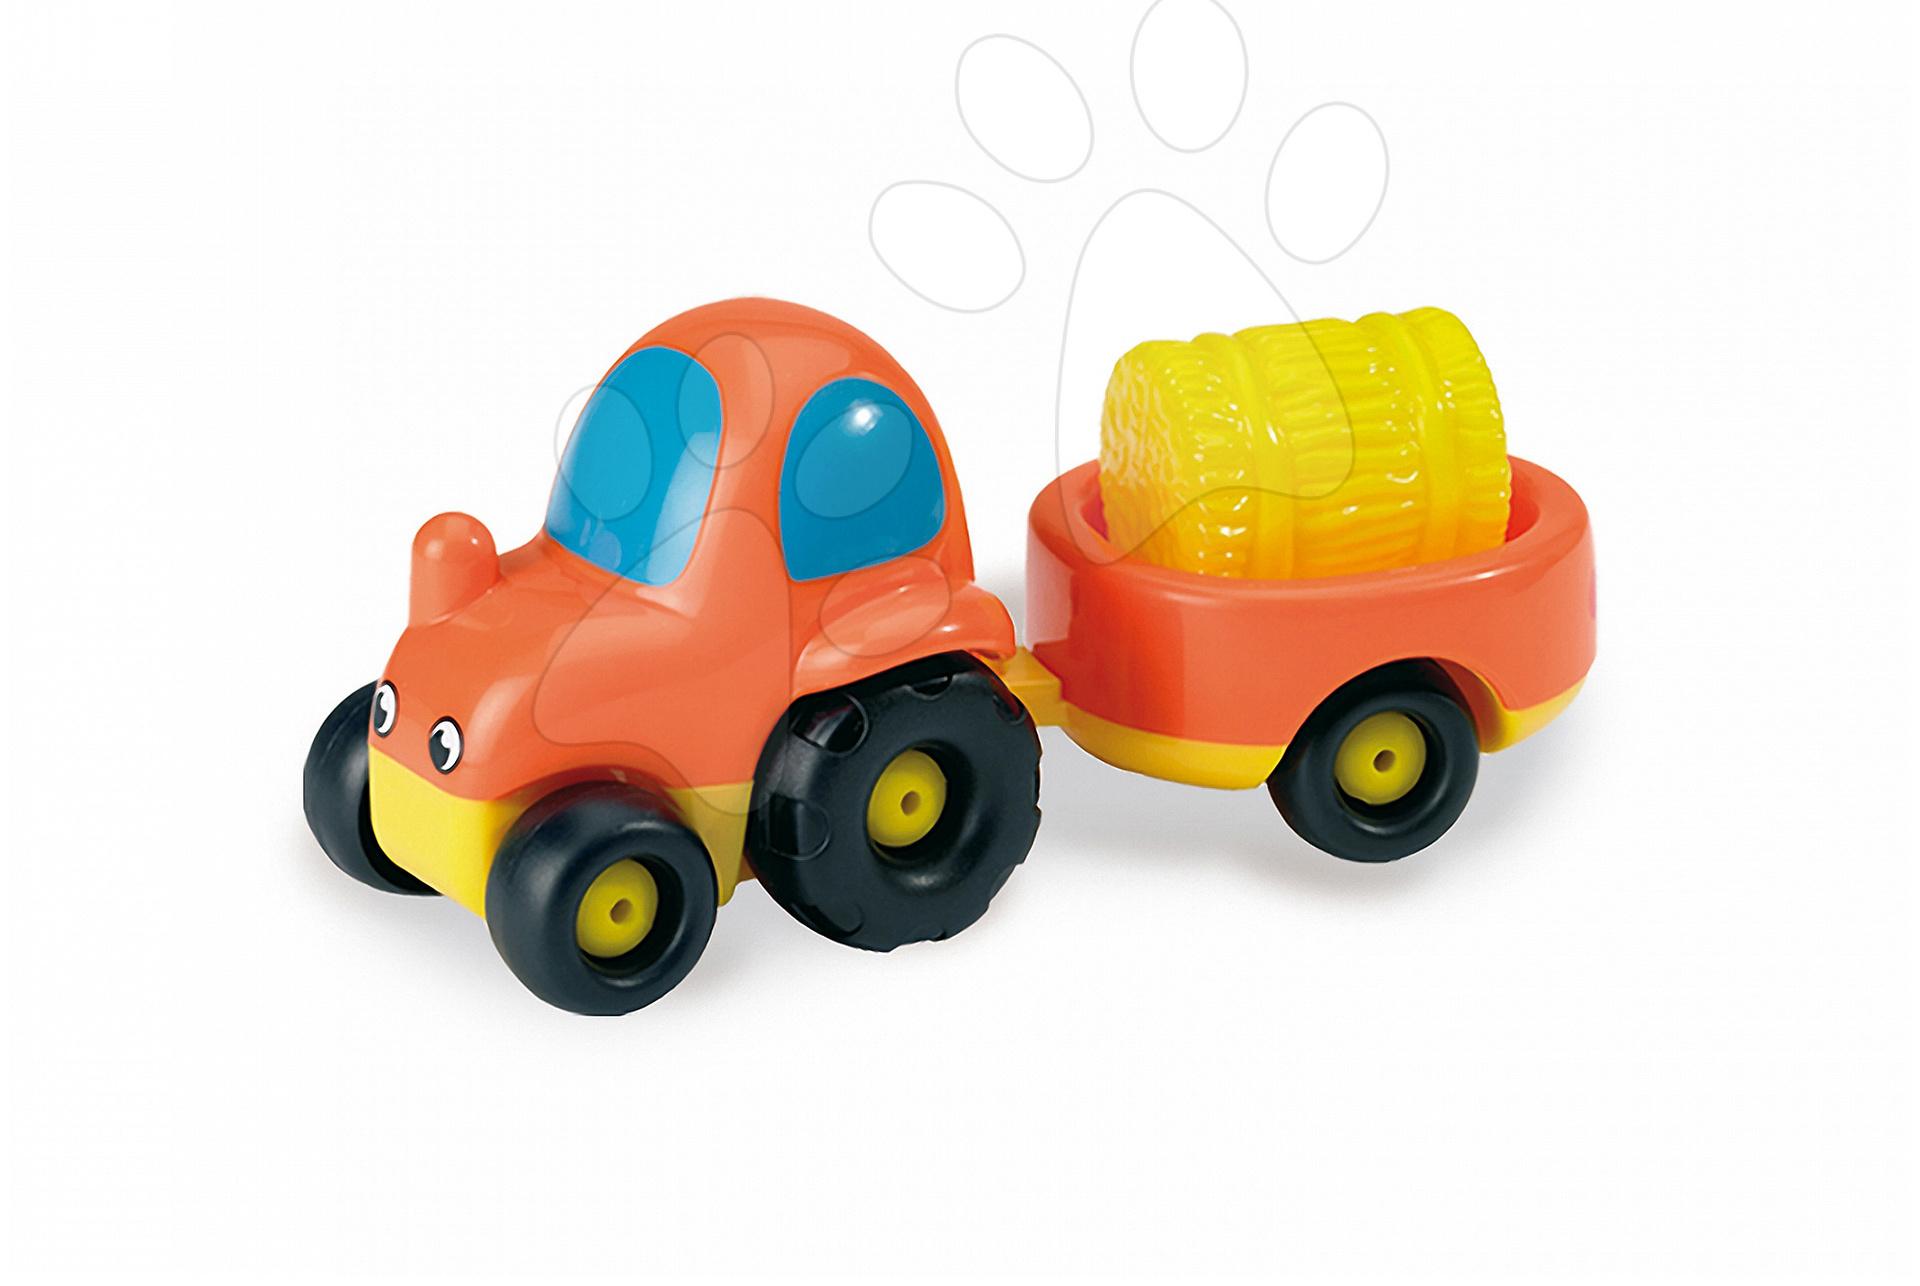 Utilaje agricole de jucărie - Tractor de jucărie Vroom Planet Smoby cu remorcă cu lungime de 15 cm de la 12 luni